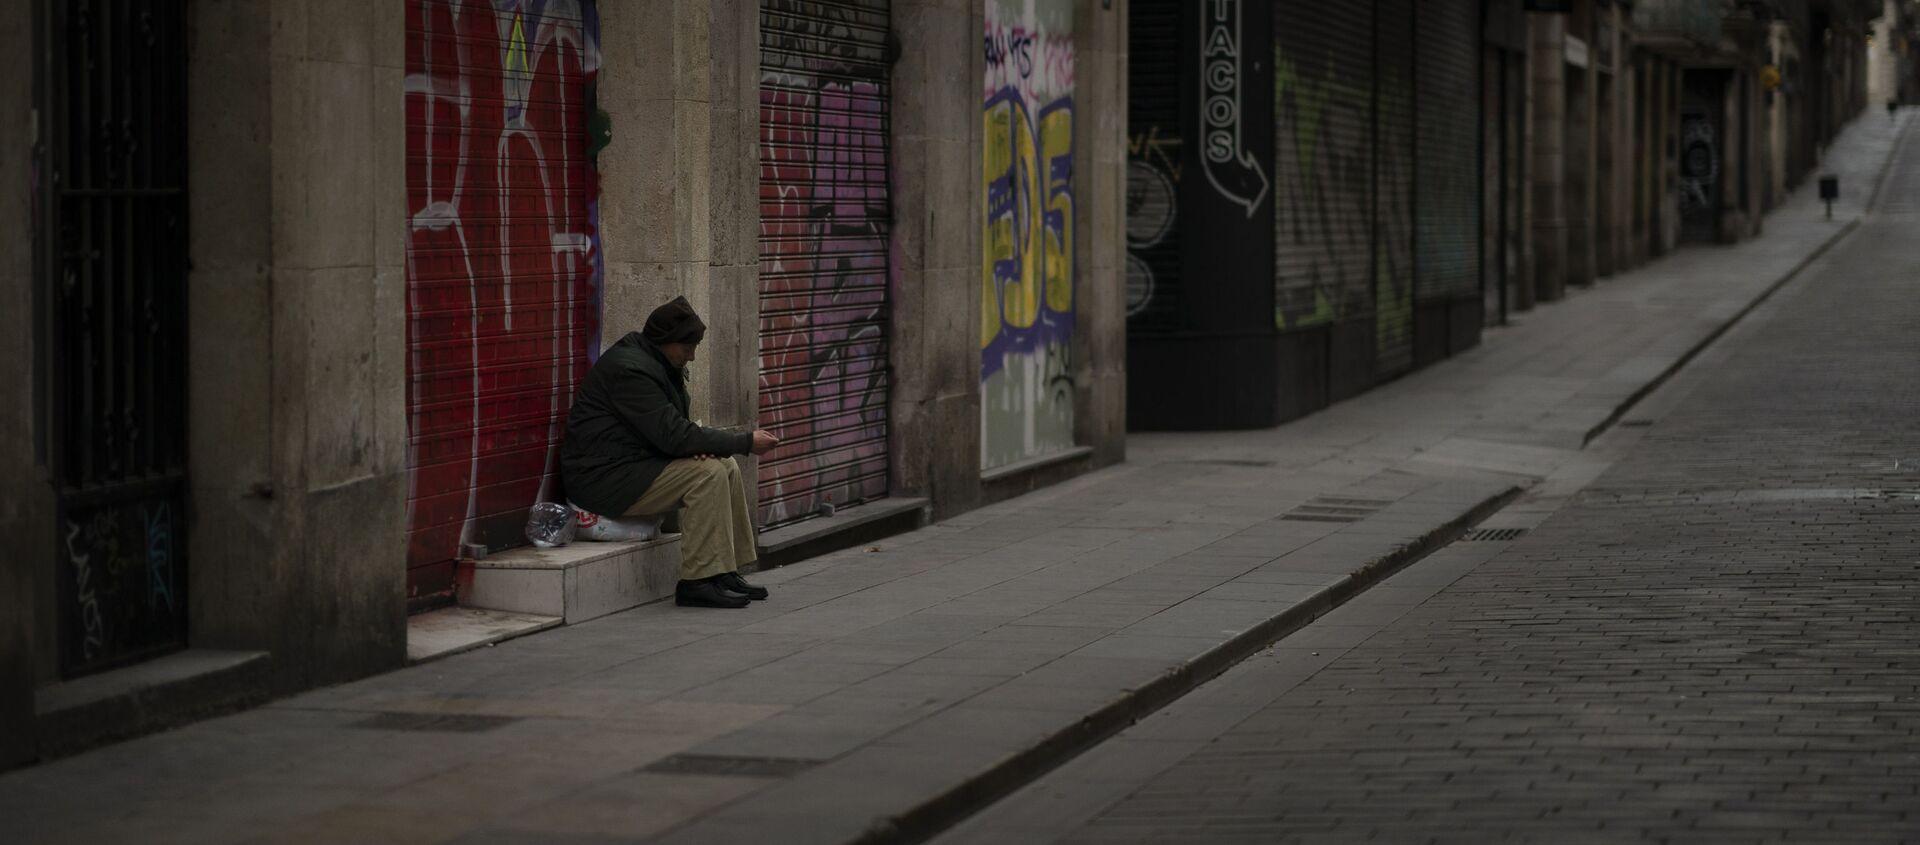 José Ramón, de 60 años, pide limosna en una calle vacía de Barcelona. - Sputnik Mundo, 1920, 25.01.2021